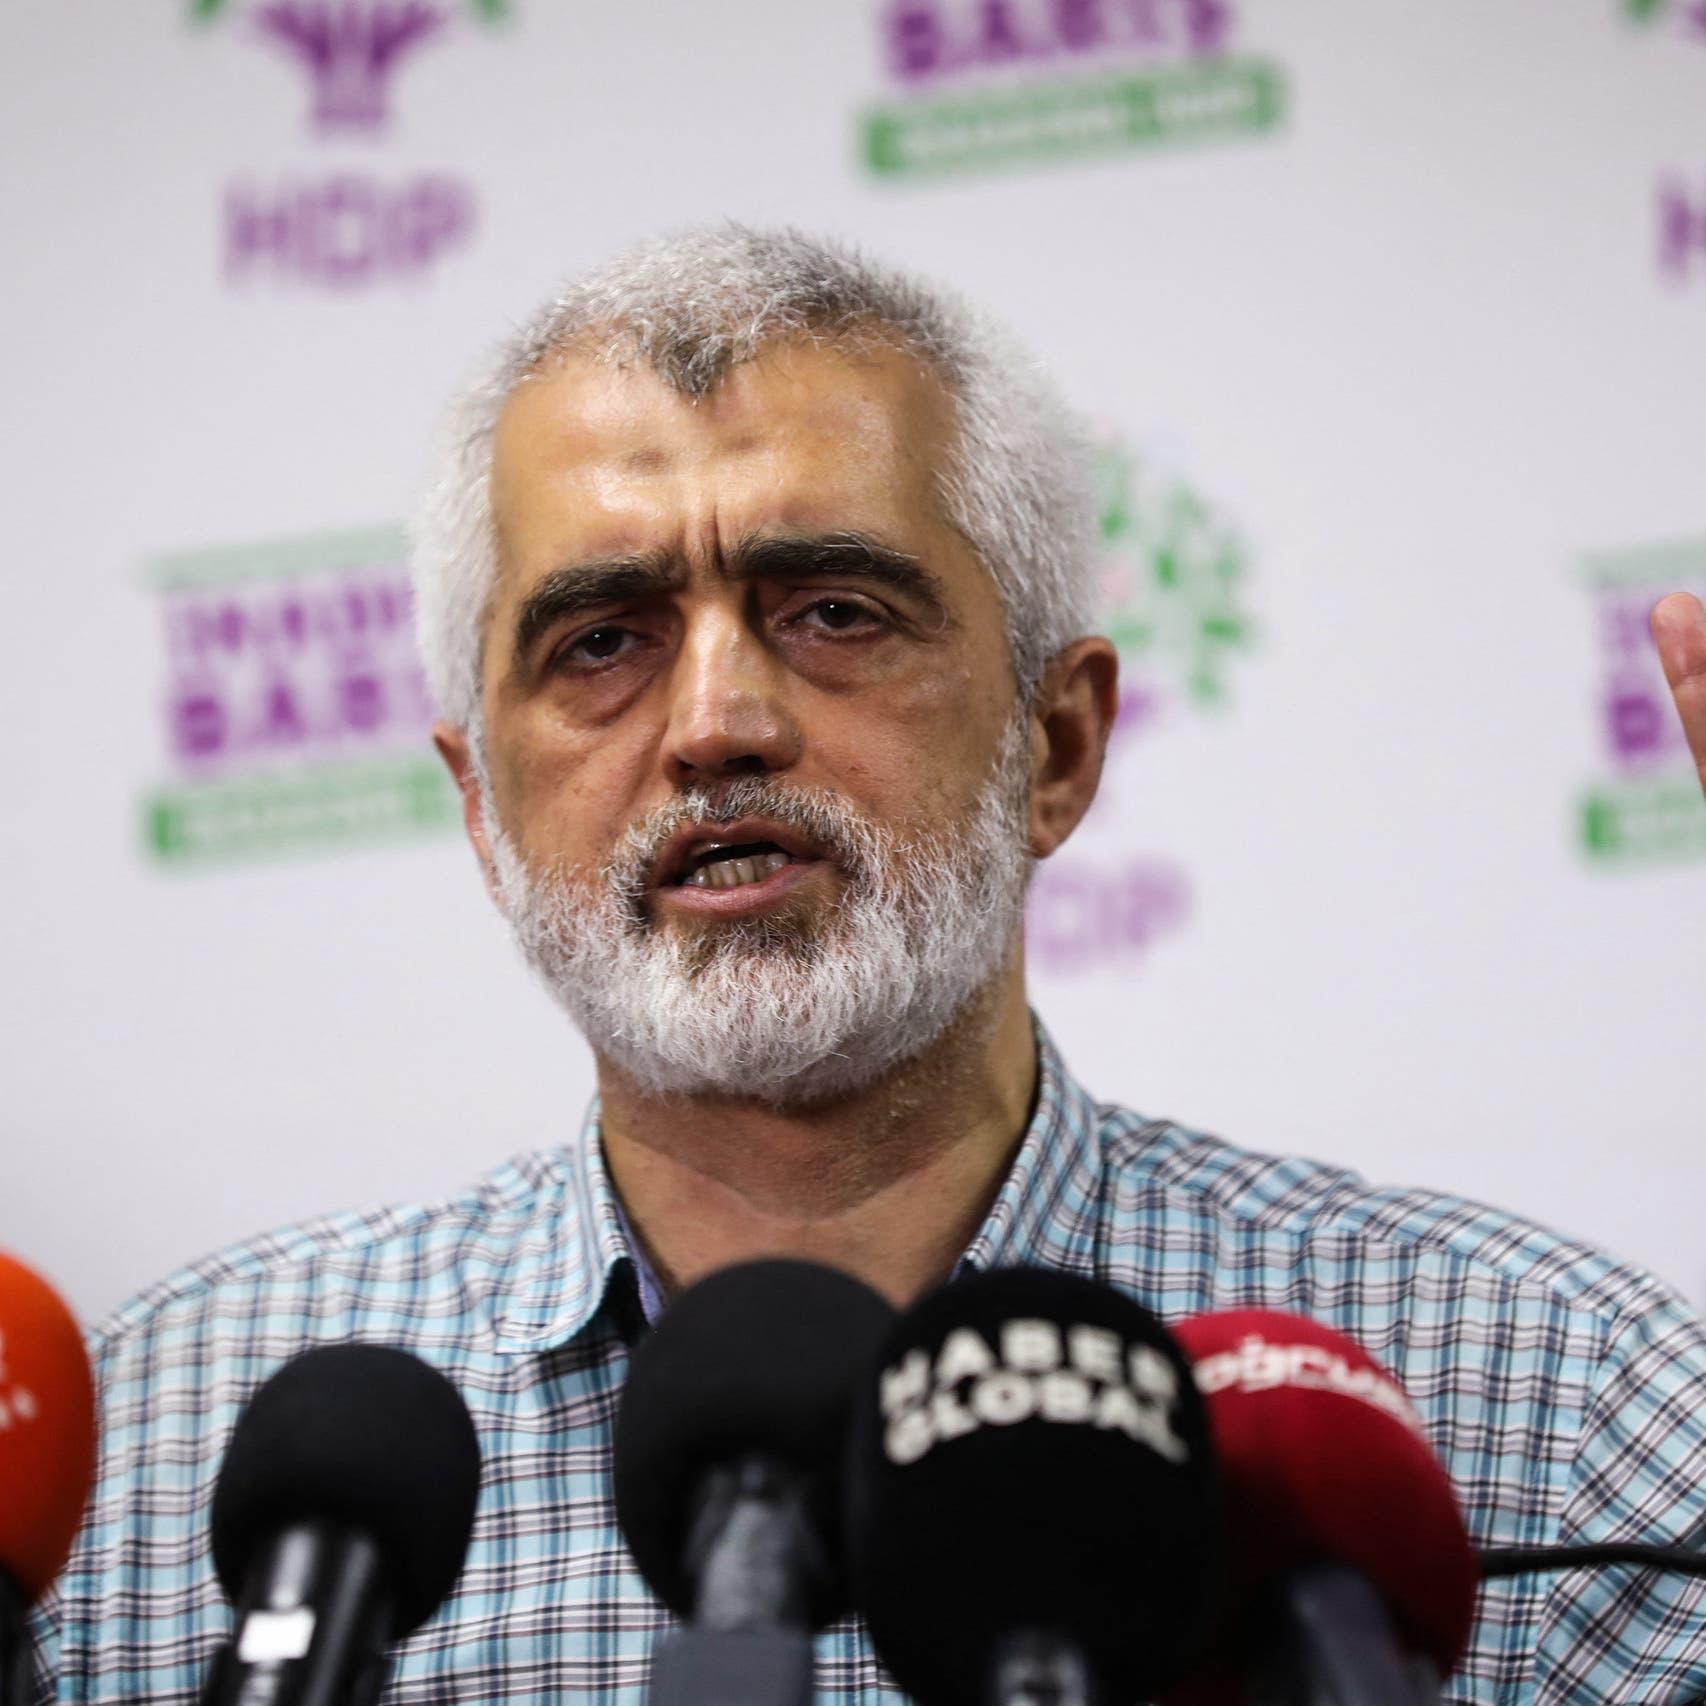 بعد حكم قضائي.. تركيا تطلق سراح نائب مؤيد للأكراد